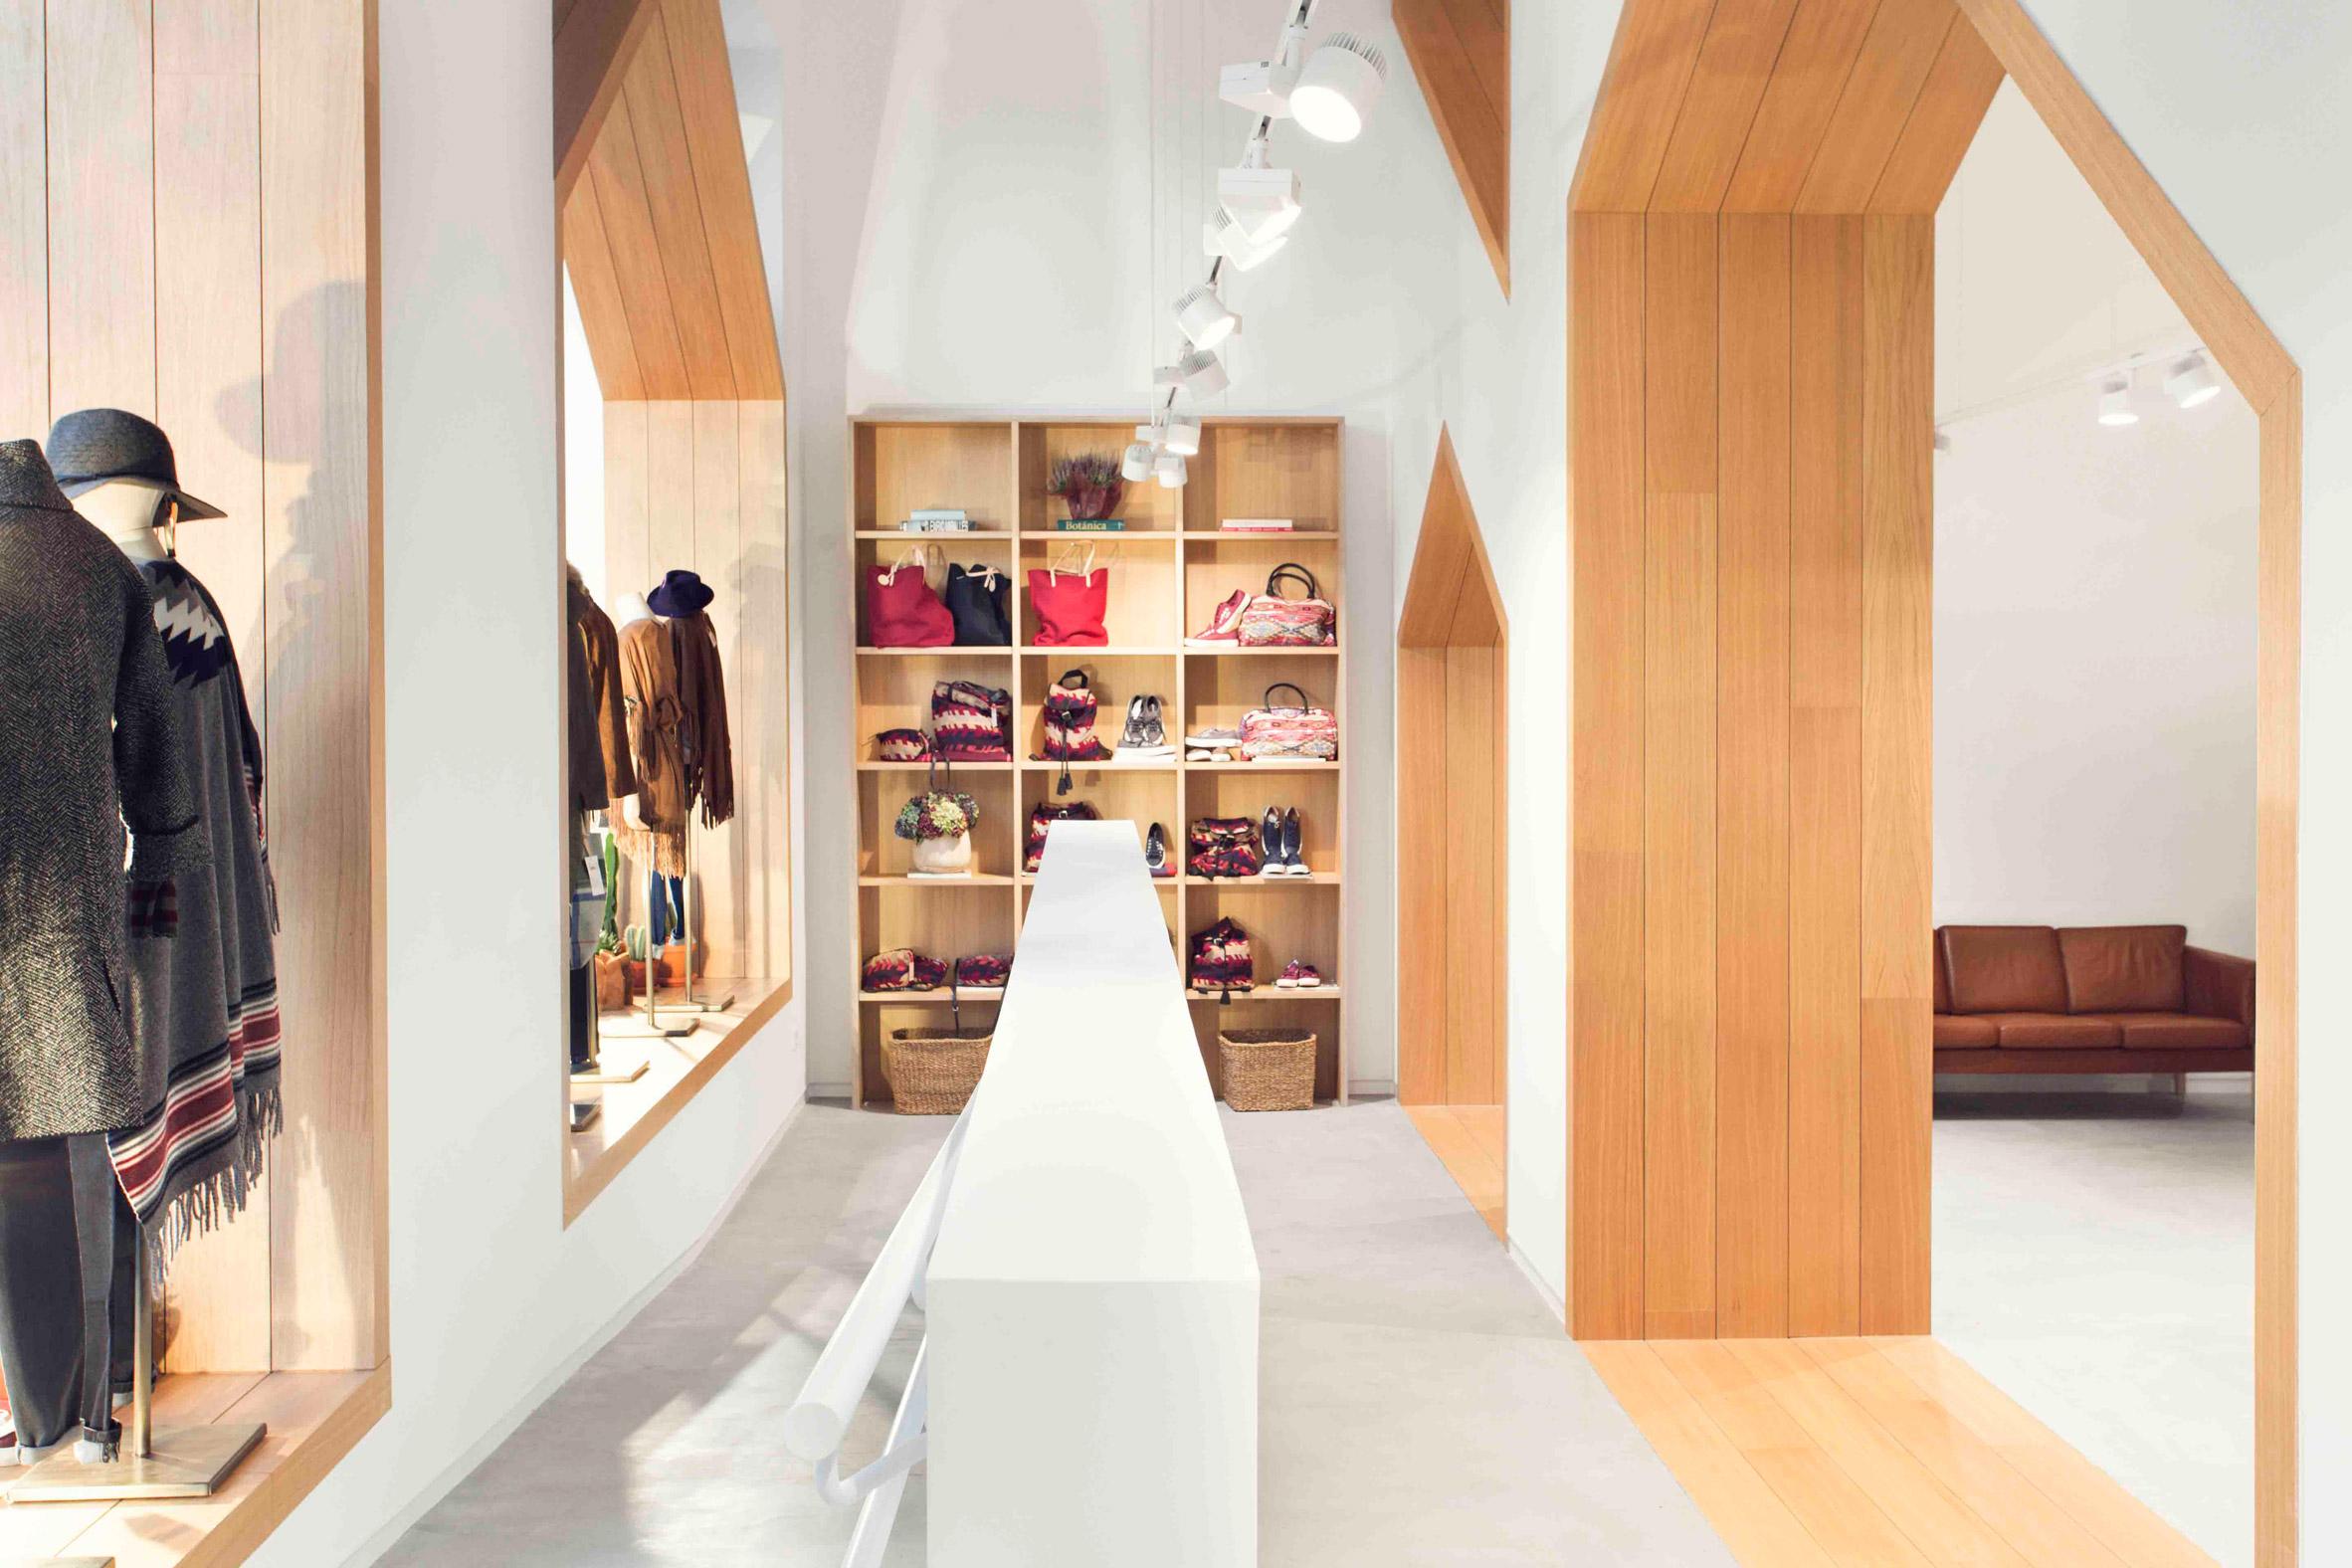 sketch-concept-store-pauzarq-arquitectos_dezeen_2364_5